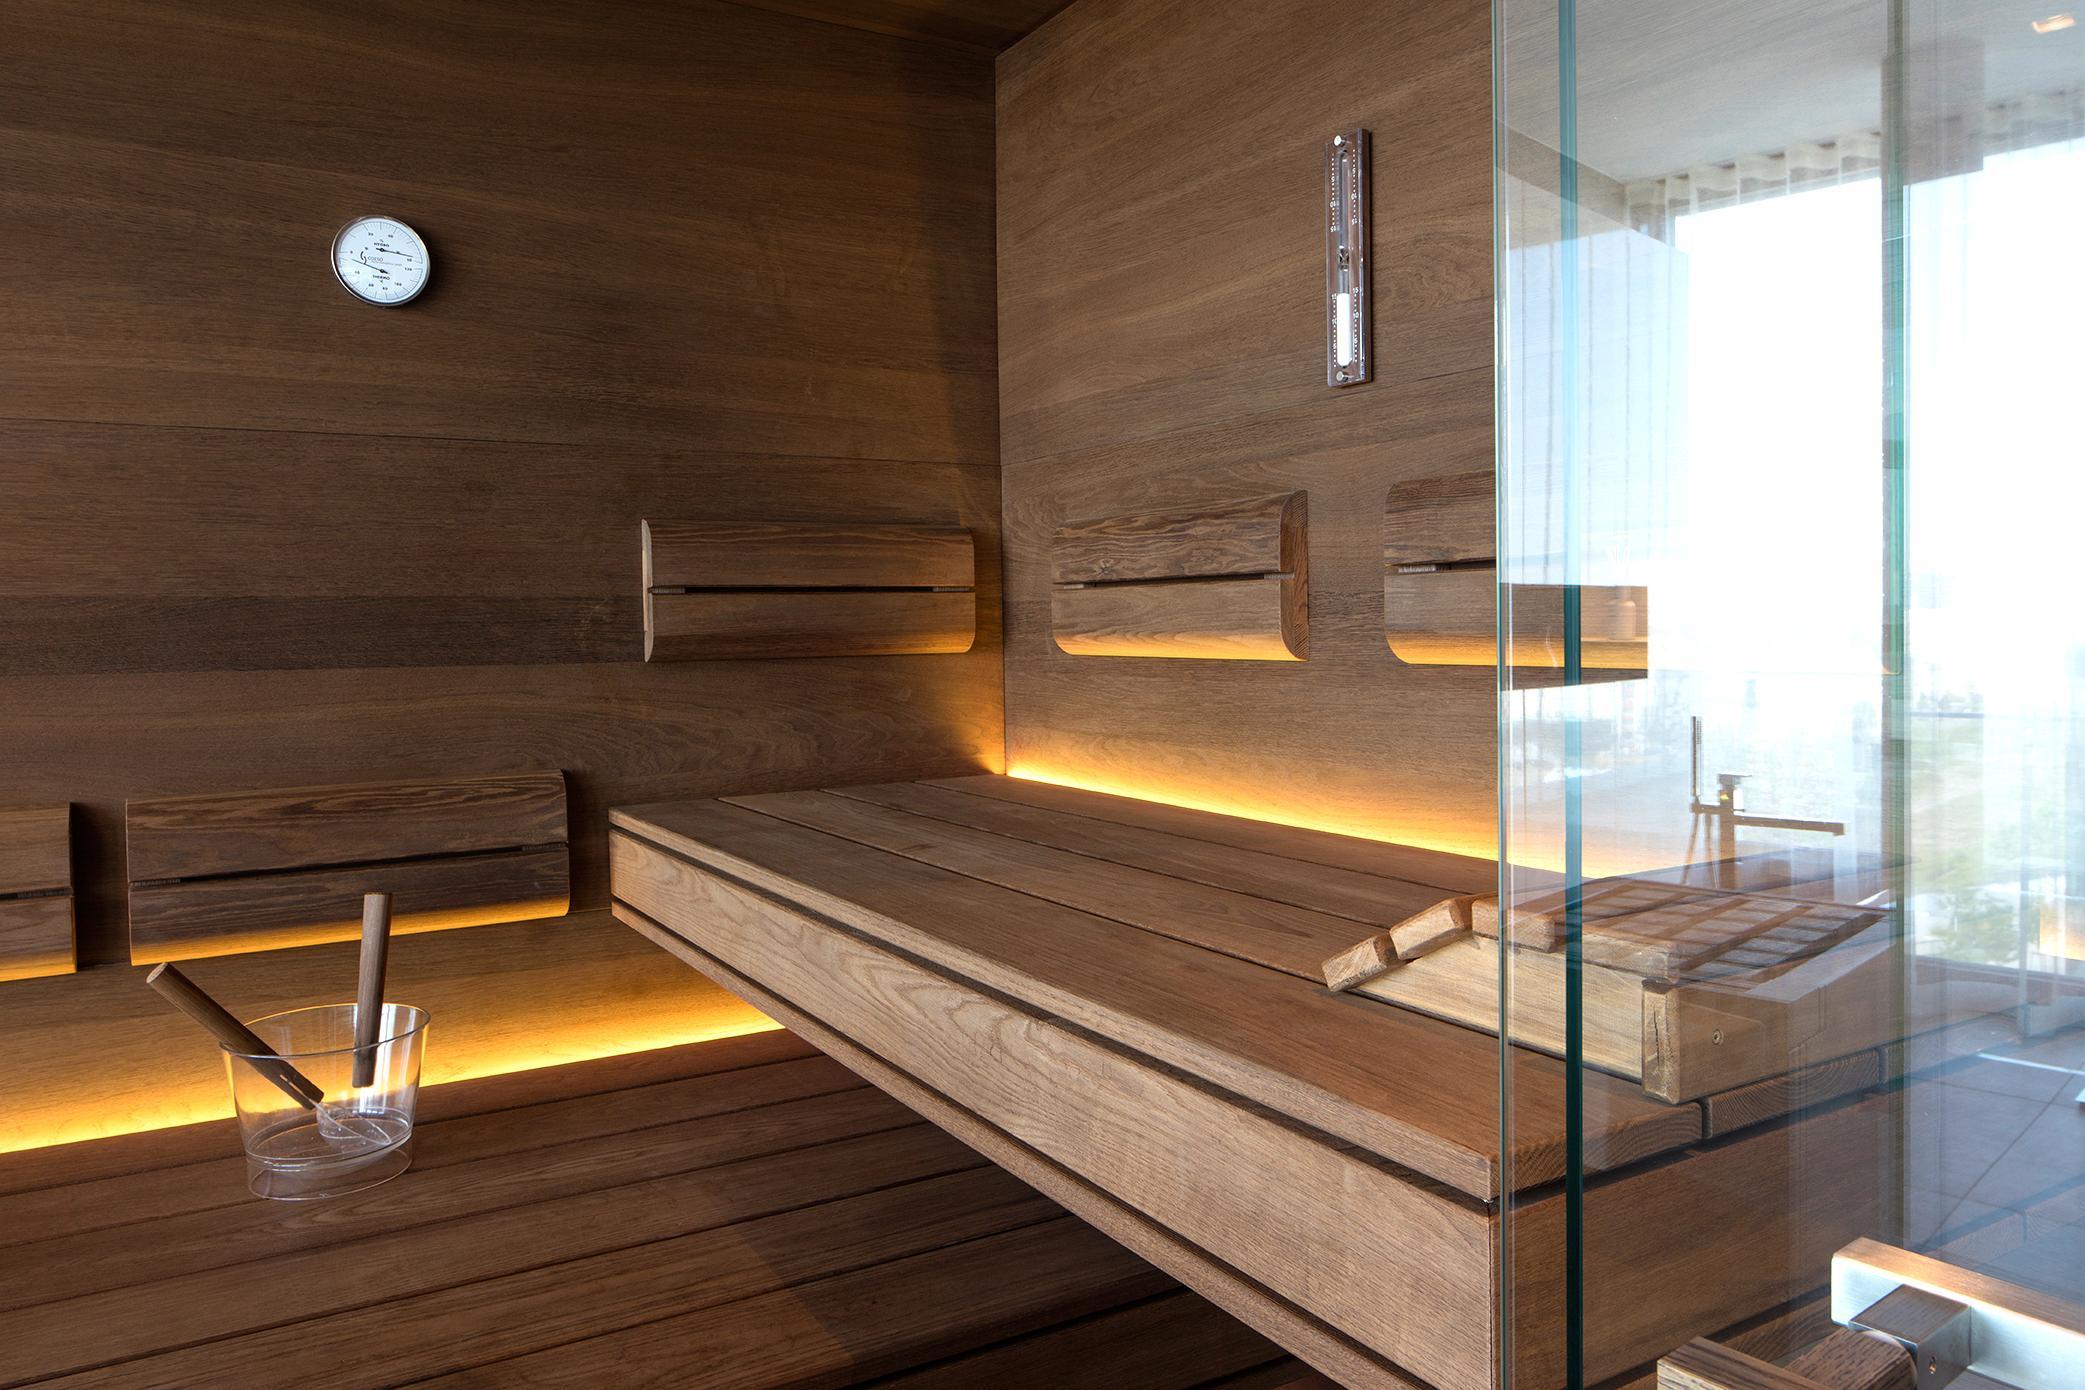 Fabulous Sauna mit viel Glas als Design-Möbelstück #sauna #ba... BX45